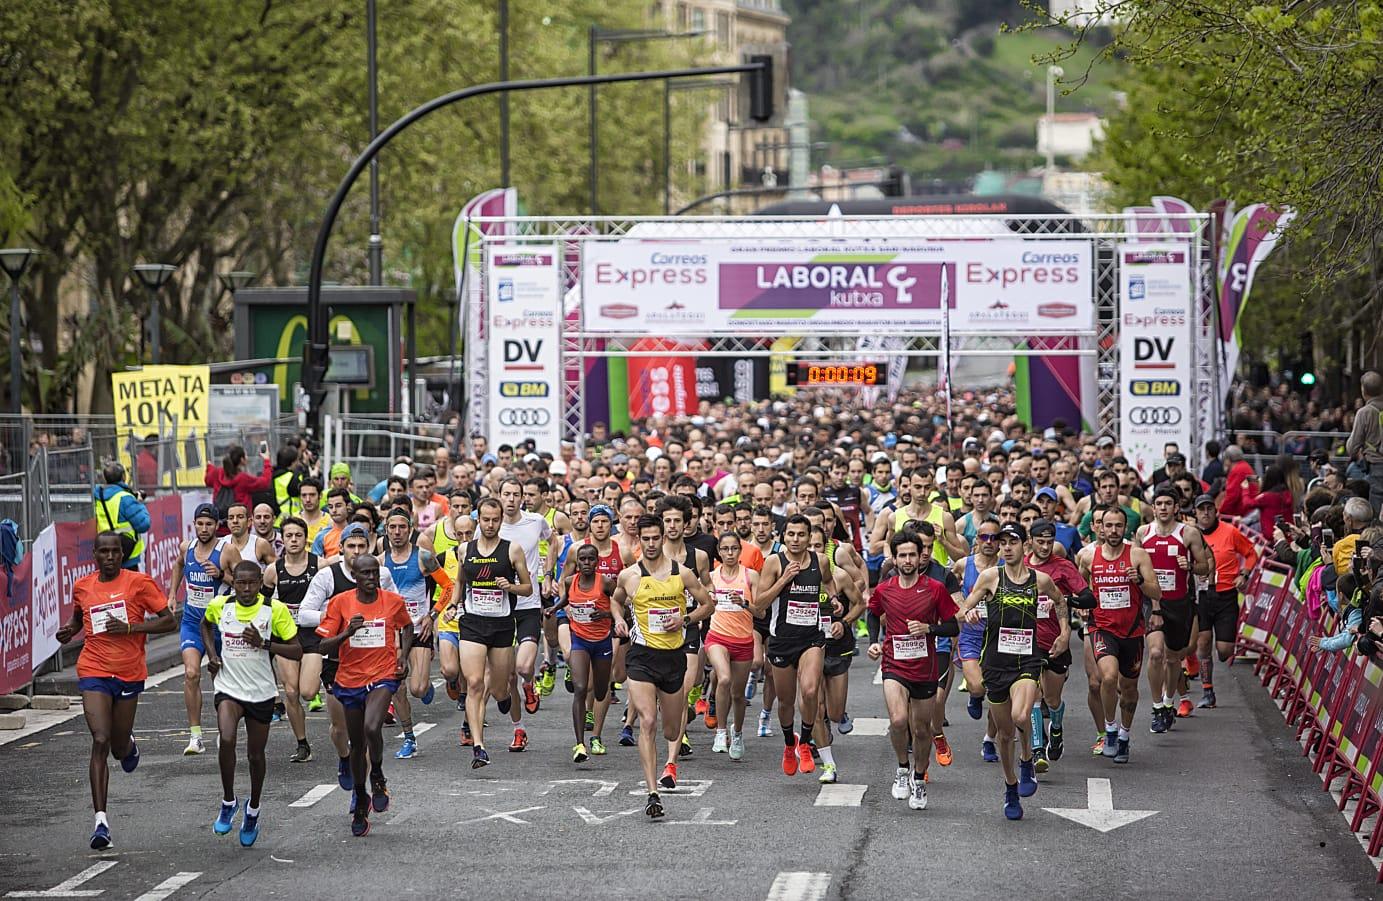 Correos Express patrocina la 19ª edición de la Media Maratón de San Sebastián